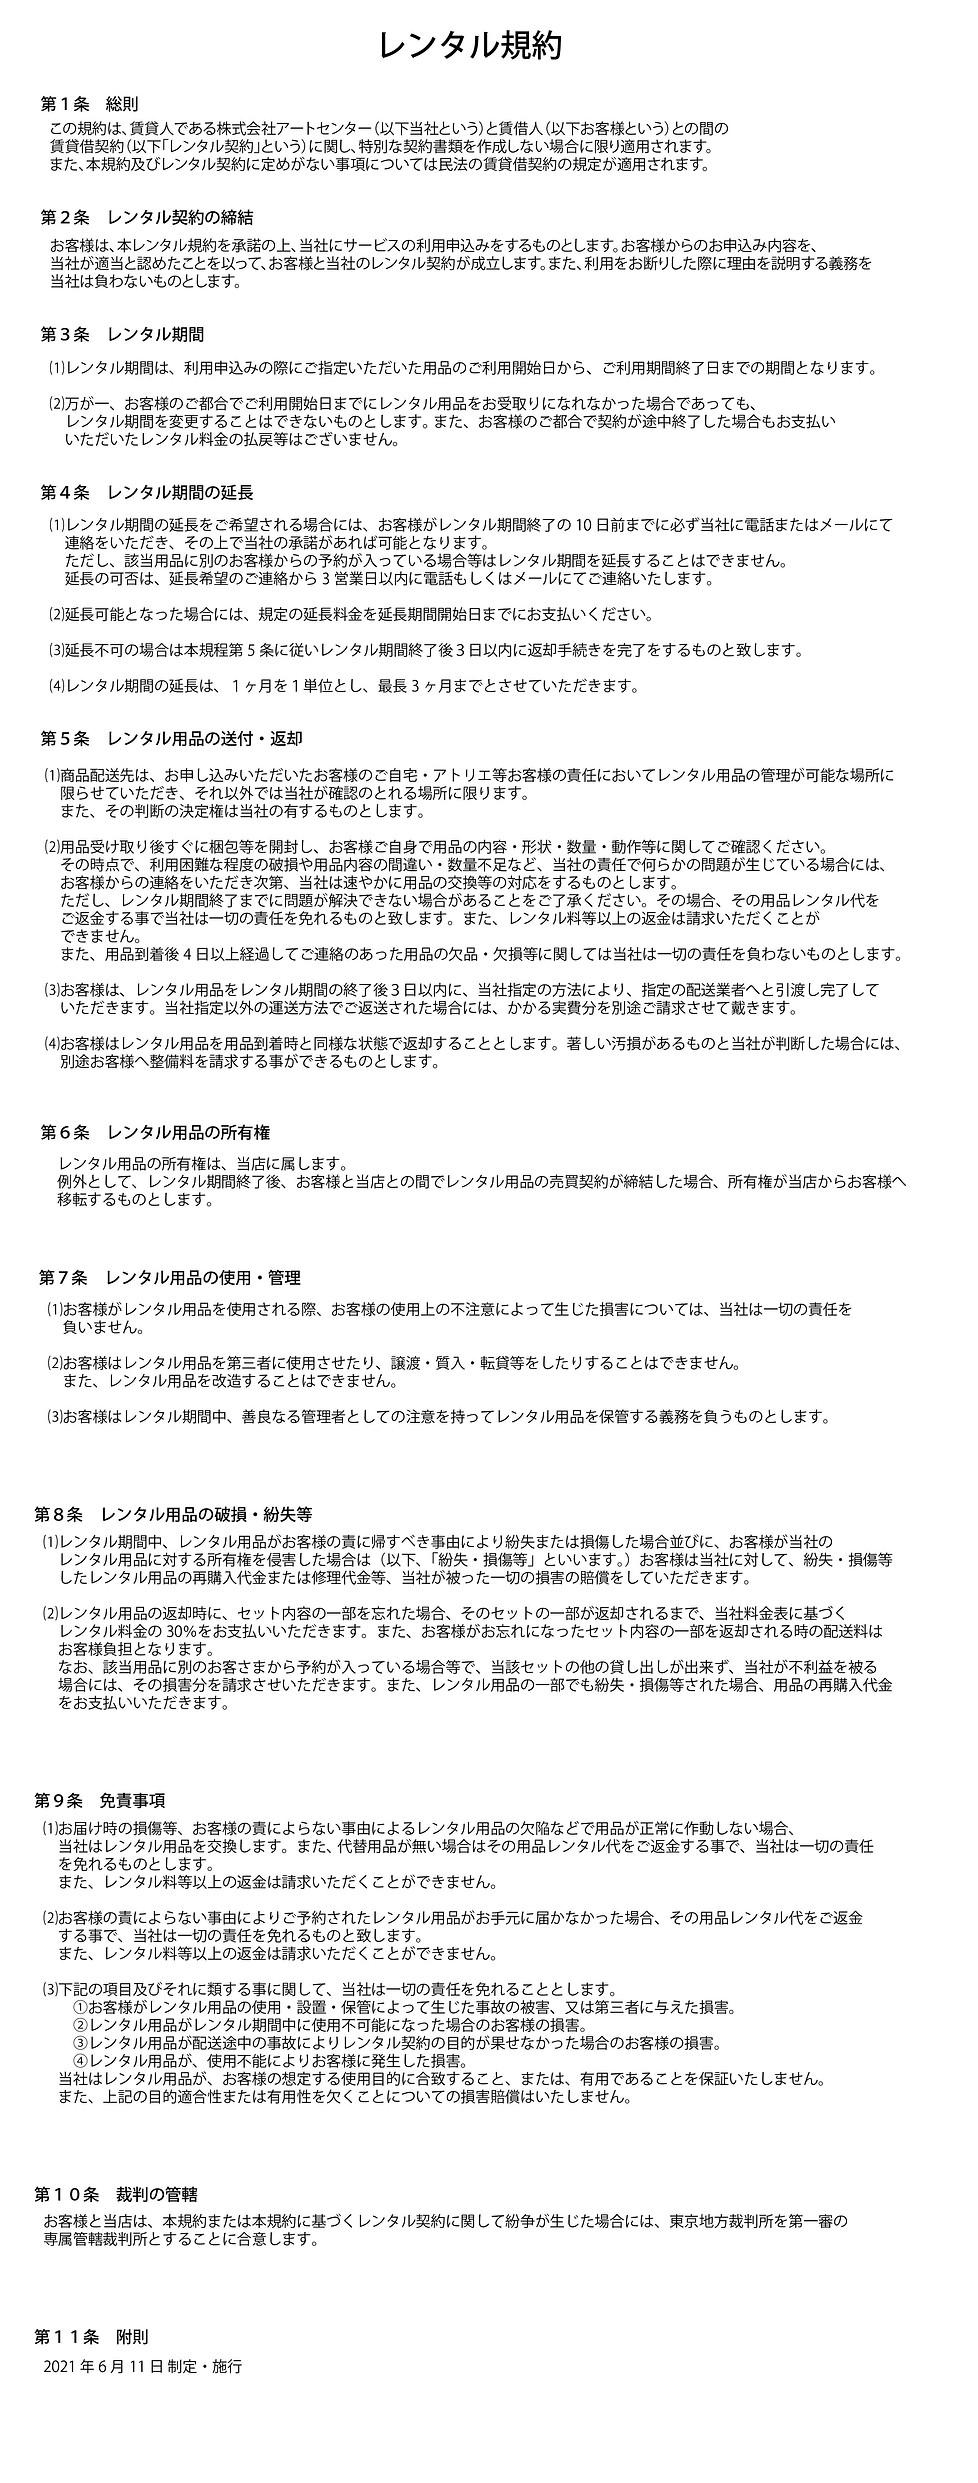 織機レンタルweb-03-min.jpg